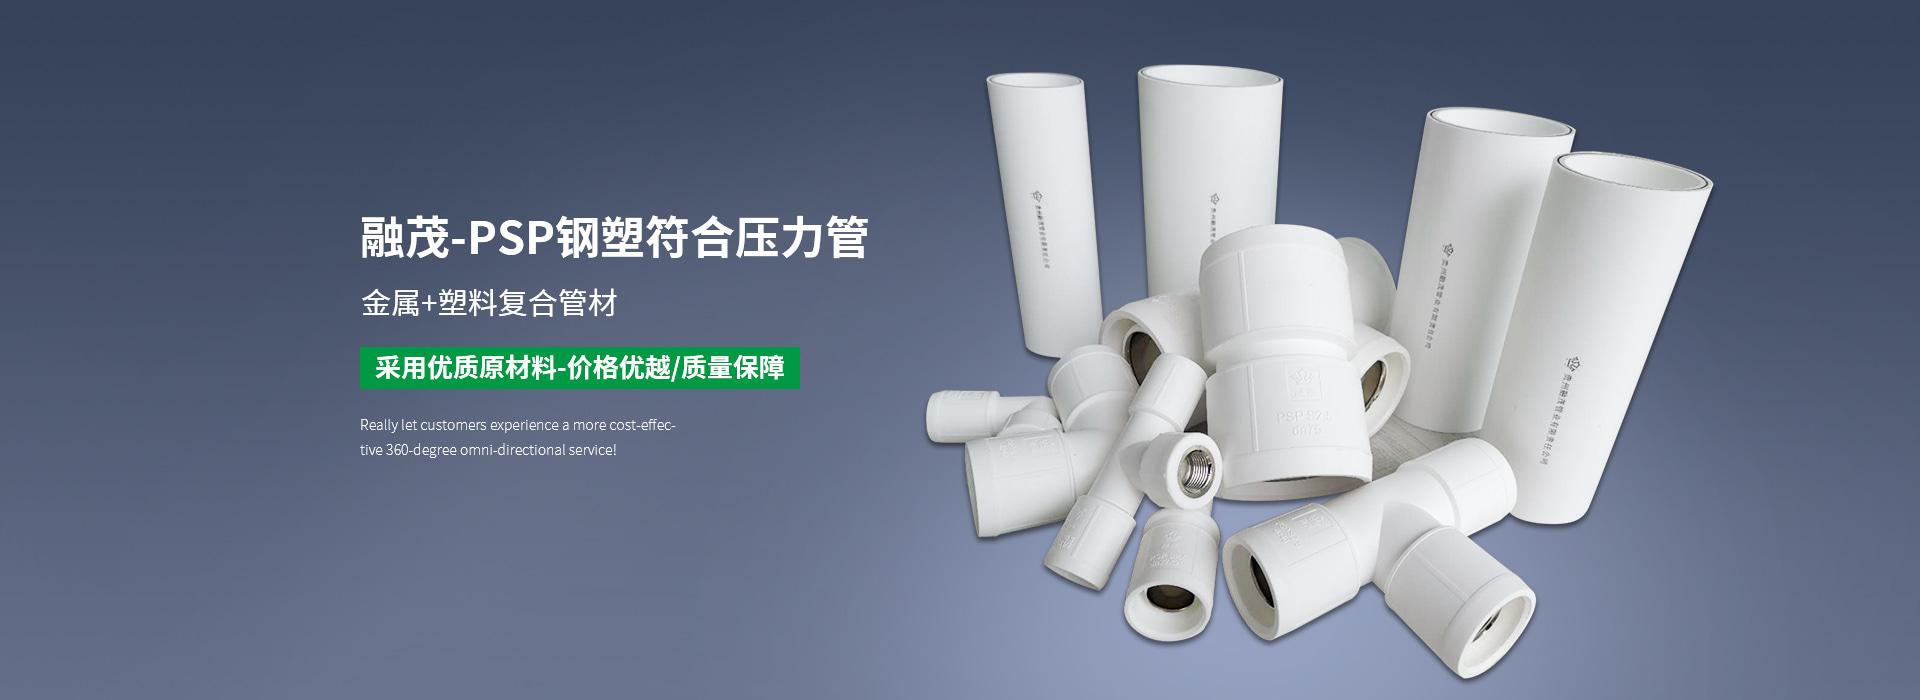 贵州融茂管业有限责任公司